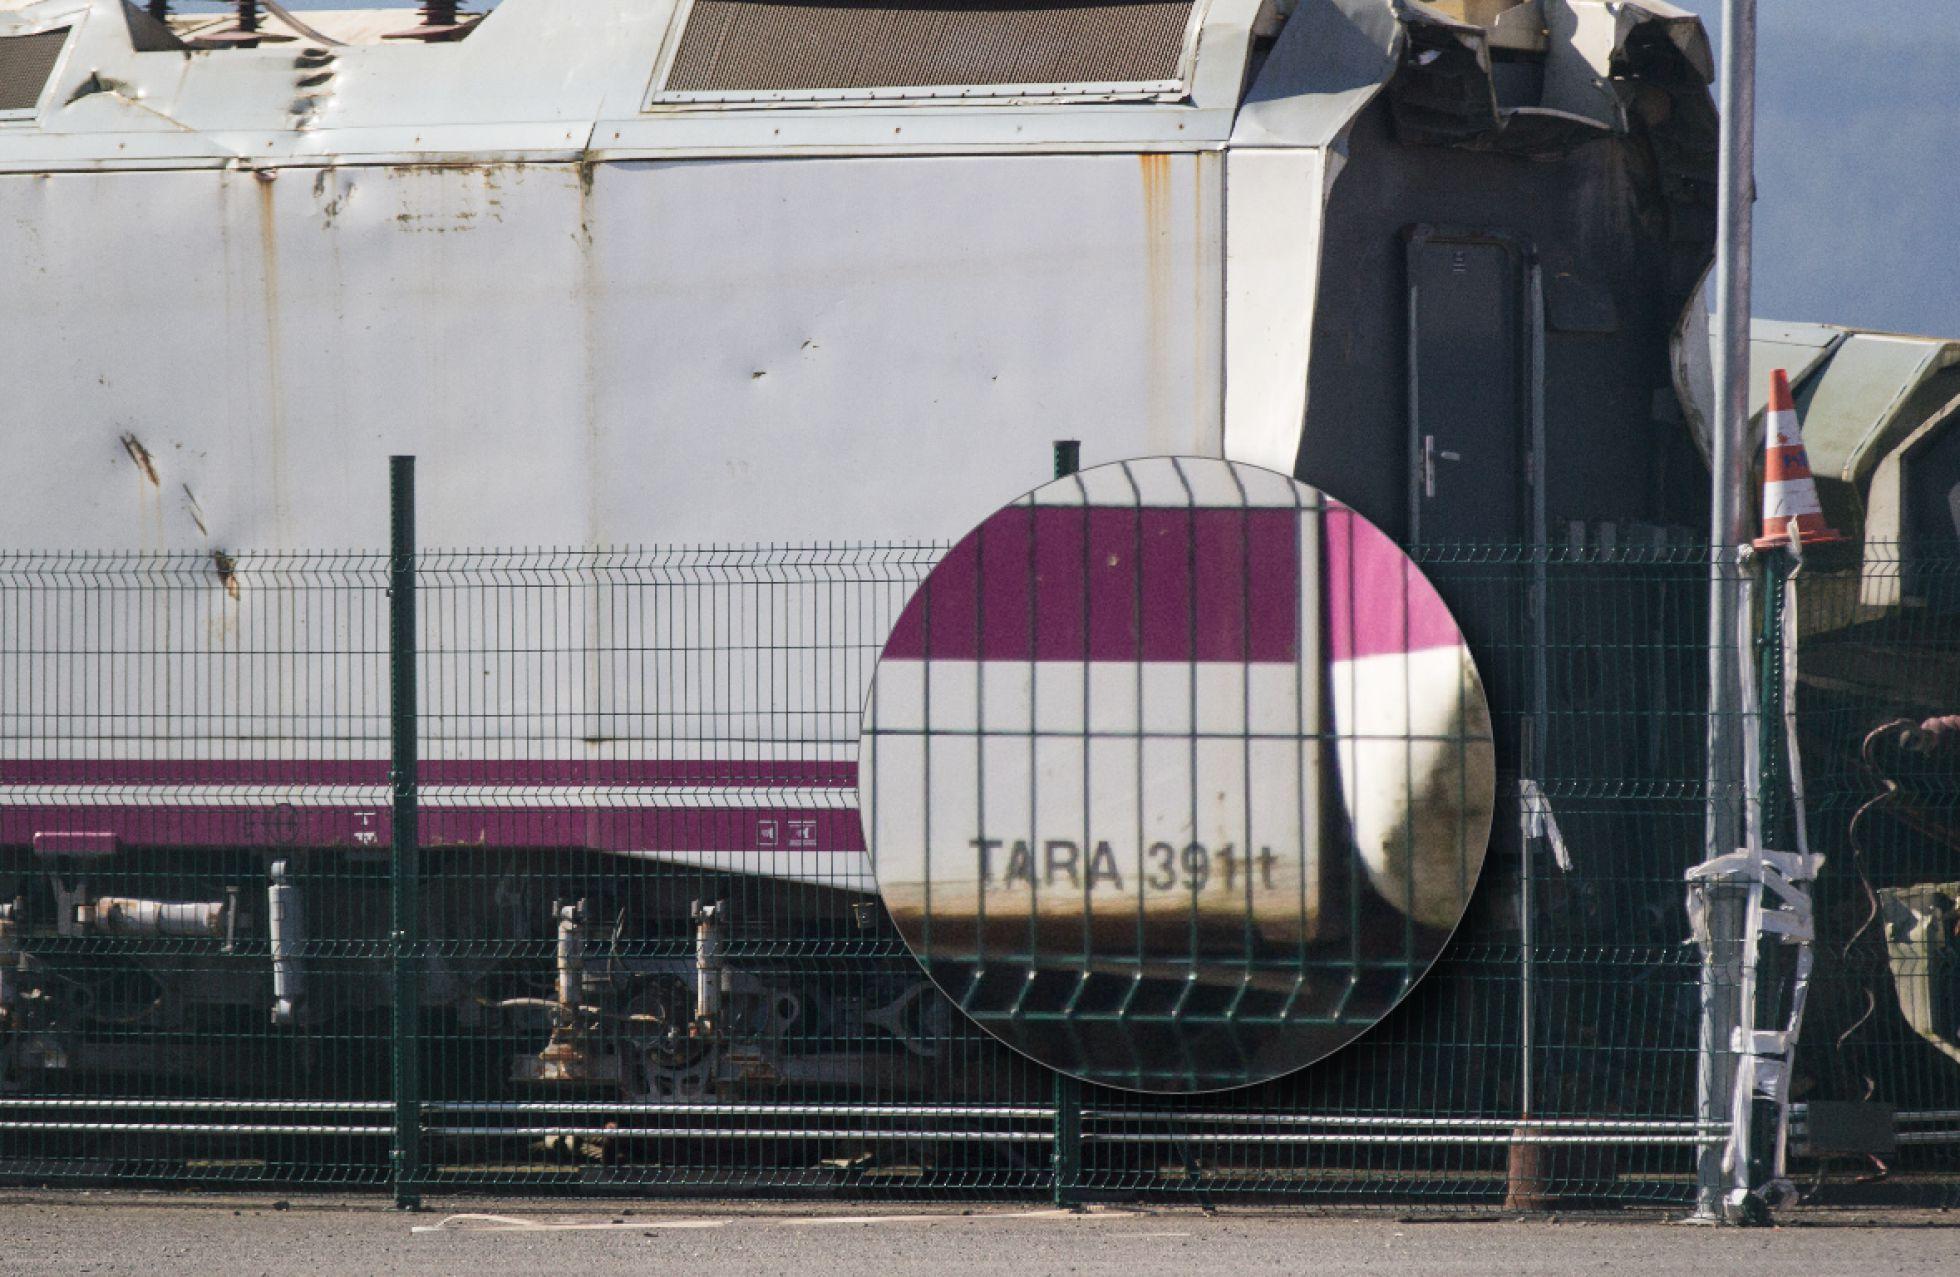 Transportes: Ferrocarril en España, alta velocidad, convencional. - Página 5 1456749727_588393_1456766840_noticia_normal_recorte1